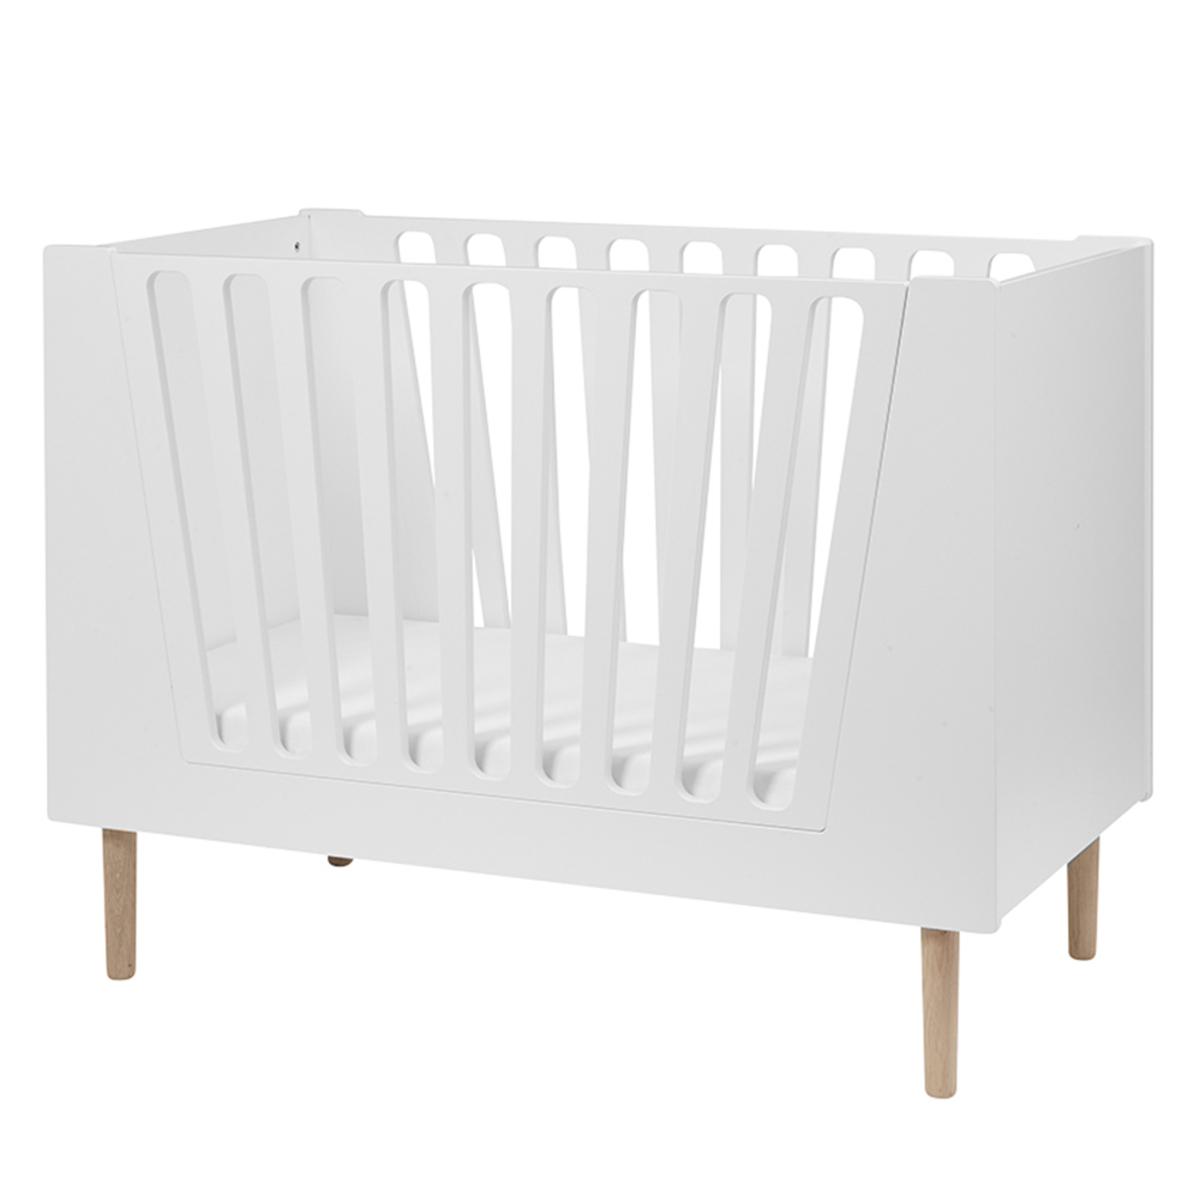 Lit bébé Lit Bébé Evolutif Blanc - 60 x 120 cm Lit Bébé Evolutif Blanc - 60 x 120 cm